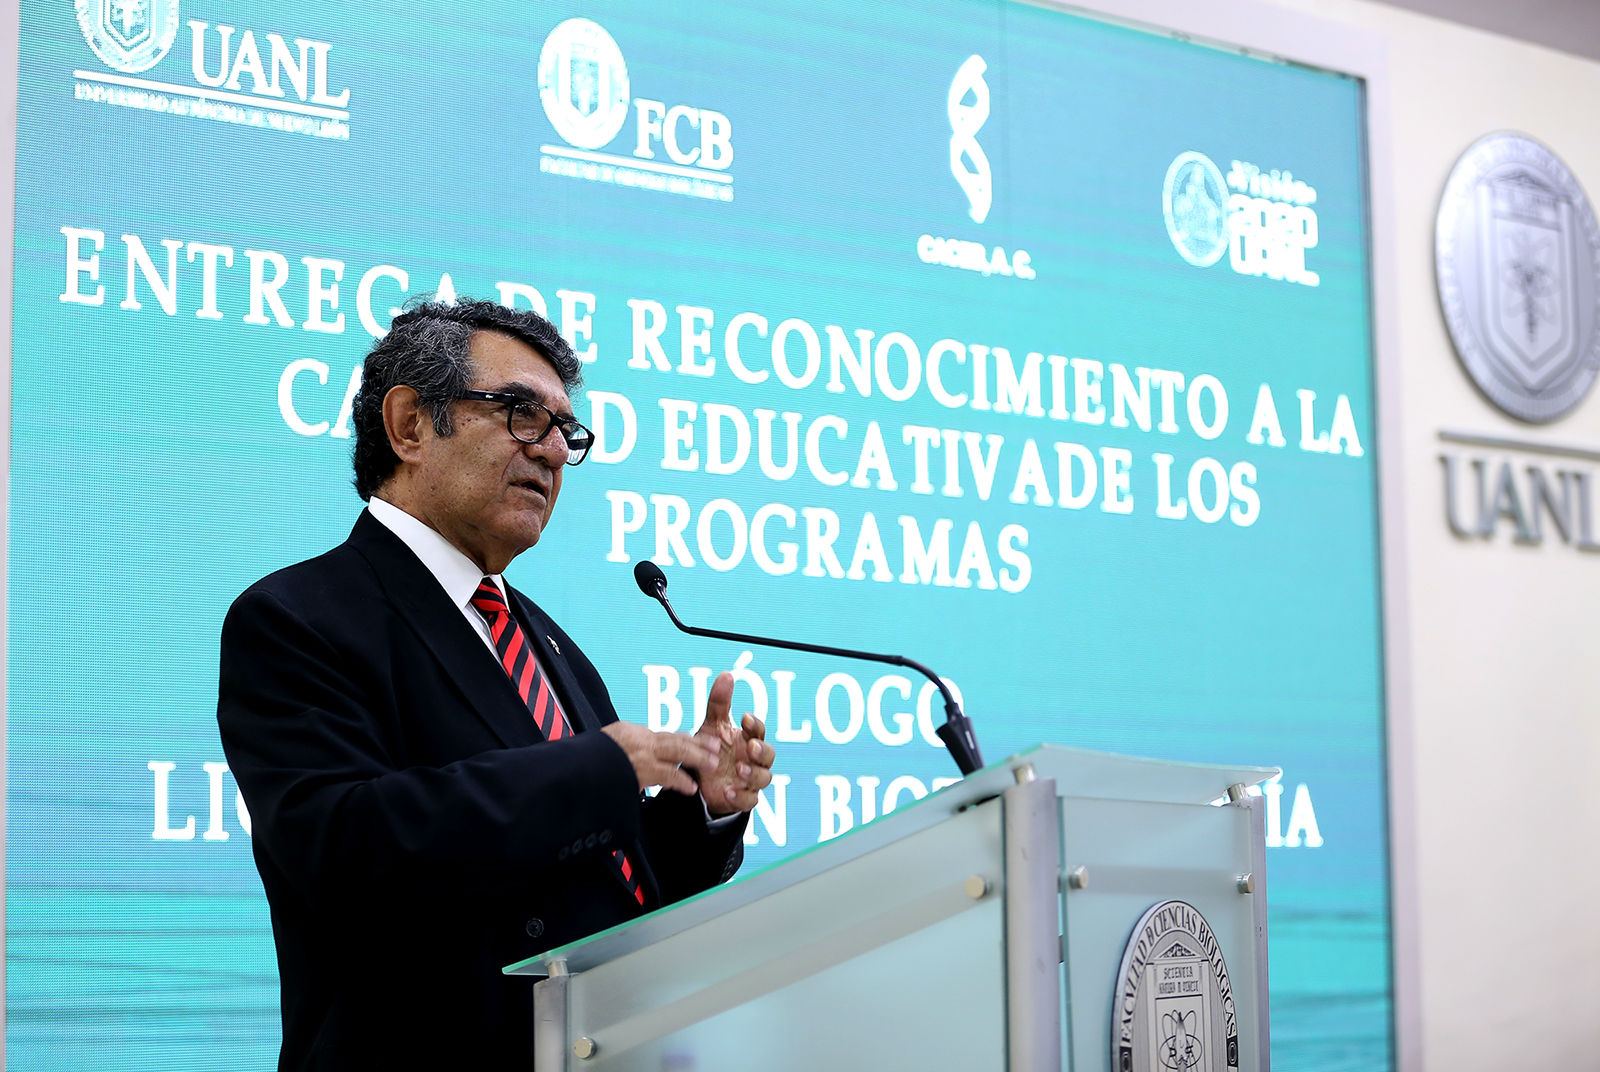 Eduardo Zarza Meza, Presidente del Comité de Acreditación y Certificación de la Licenciatura en Biología